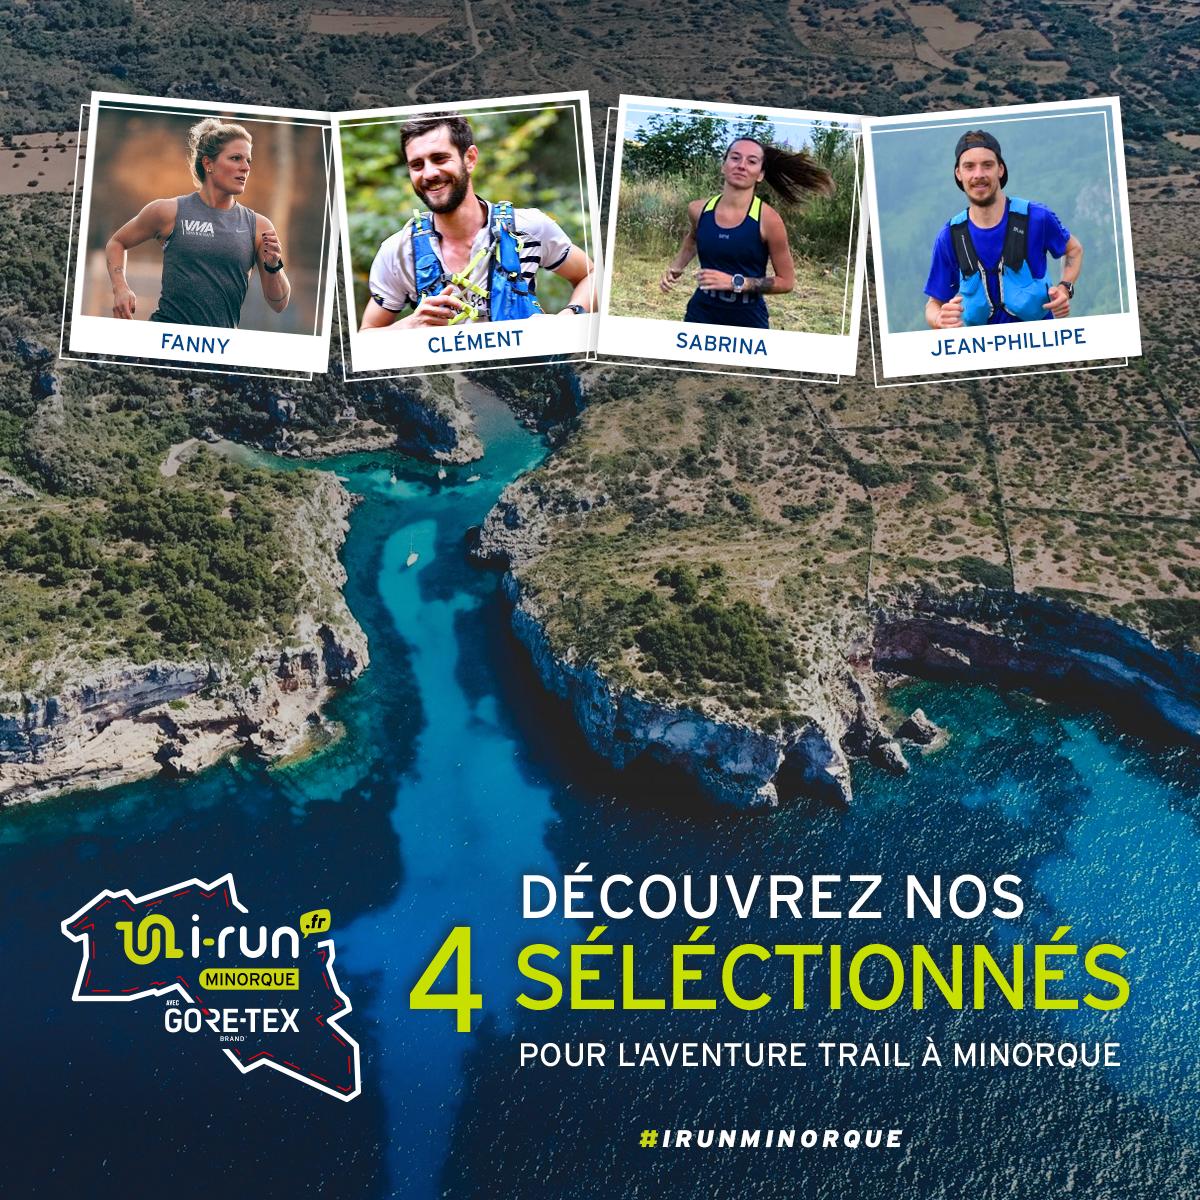 Les 4 sélectionnés pour l´aventure trail à Minorque